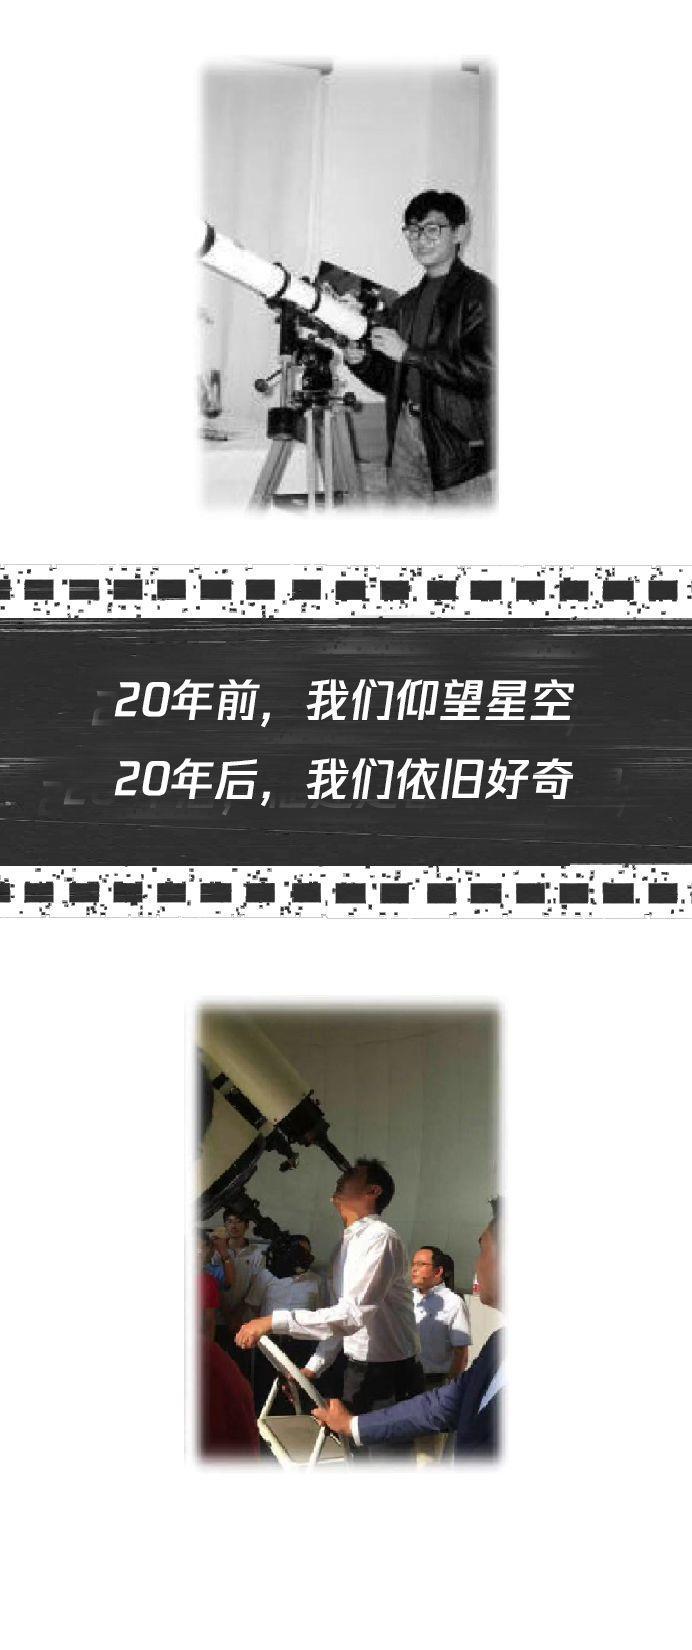 双11腾讯将迎来20岁生日 马化腾20年前的老照片曝光